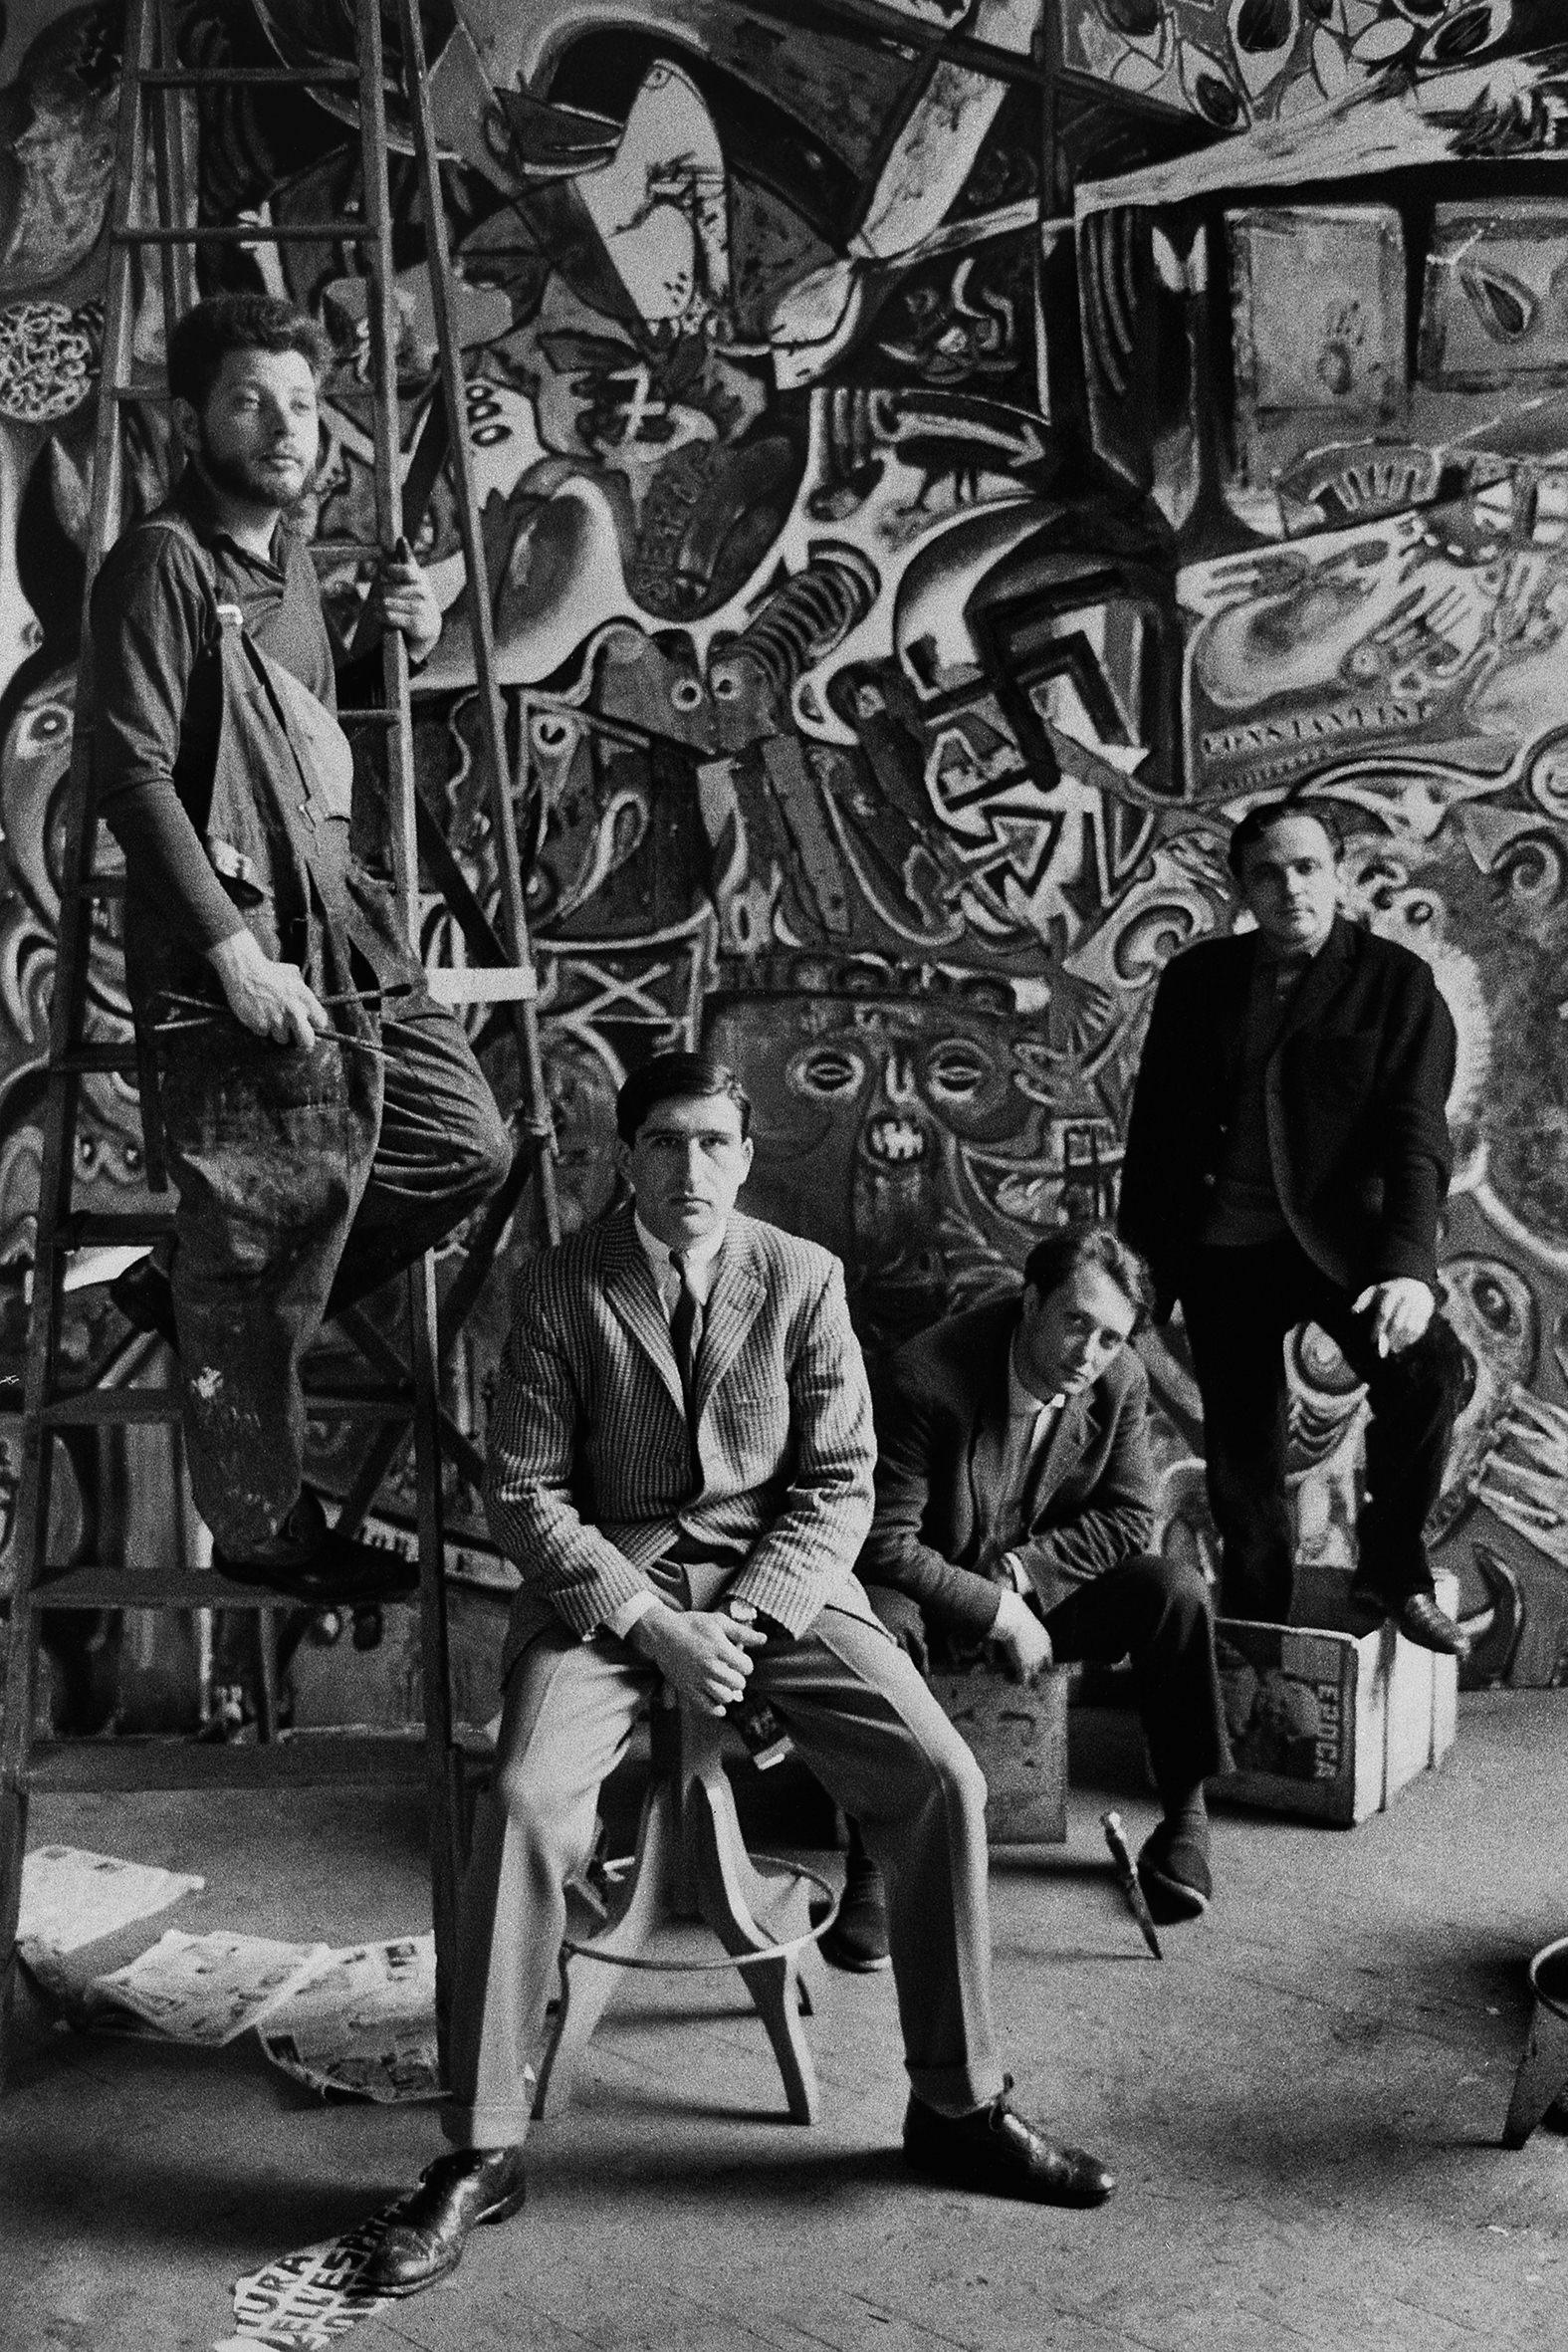 ARTISTI - 1 – Nello studio di Roberto Crippa, Milano durante il lavoro su Grande Quadro Antifascista Collettivo, con Jean-Jacques Lebel, Vario Adami, Tancredi Parmeggiani e Alain Jouffroy, 1960